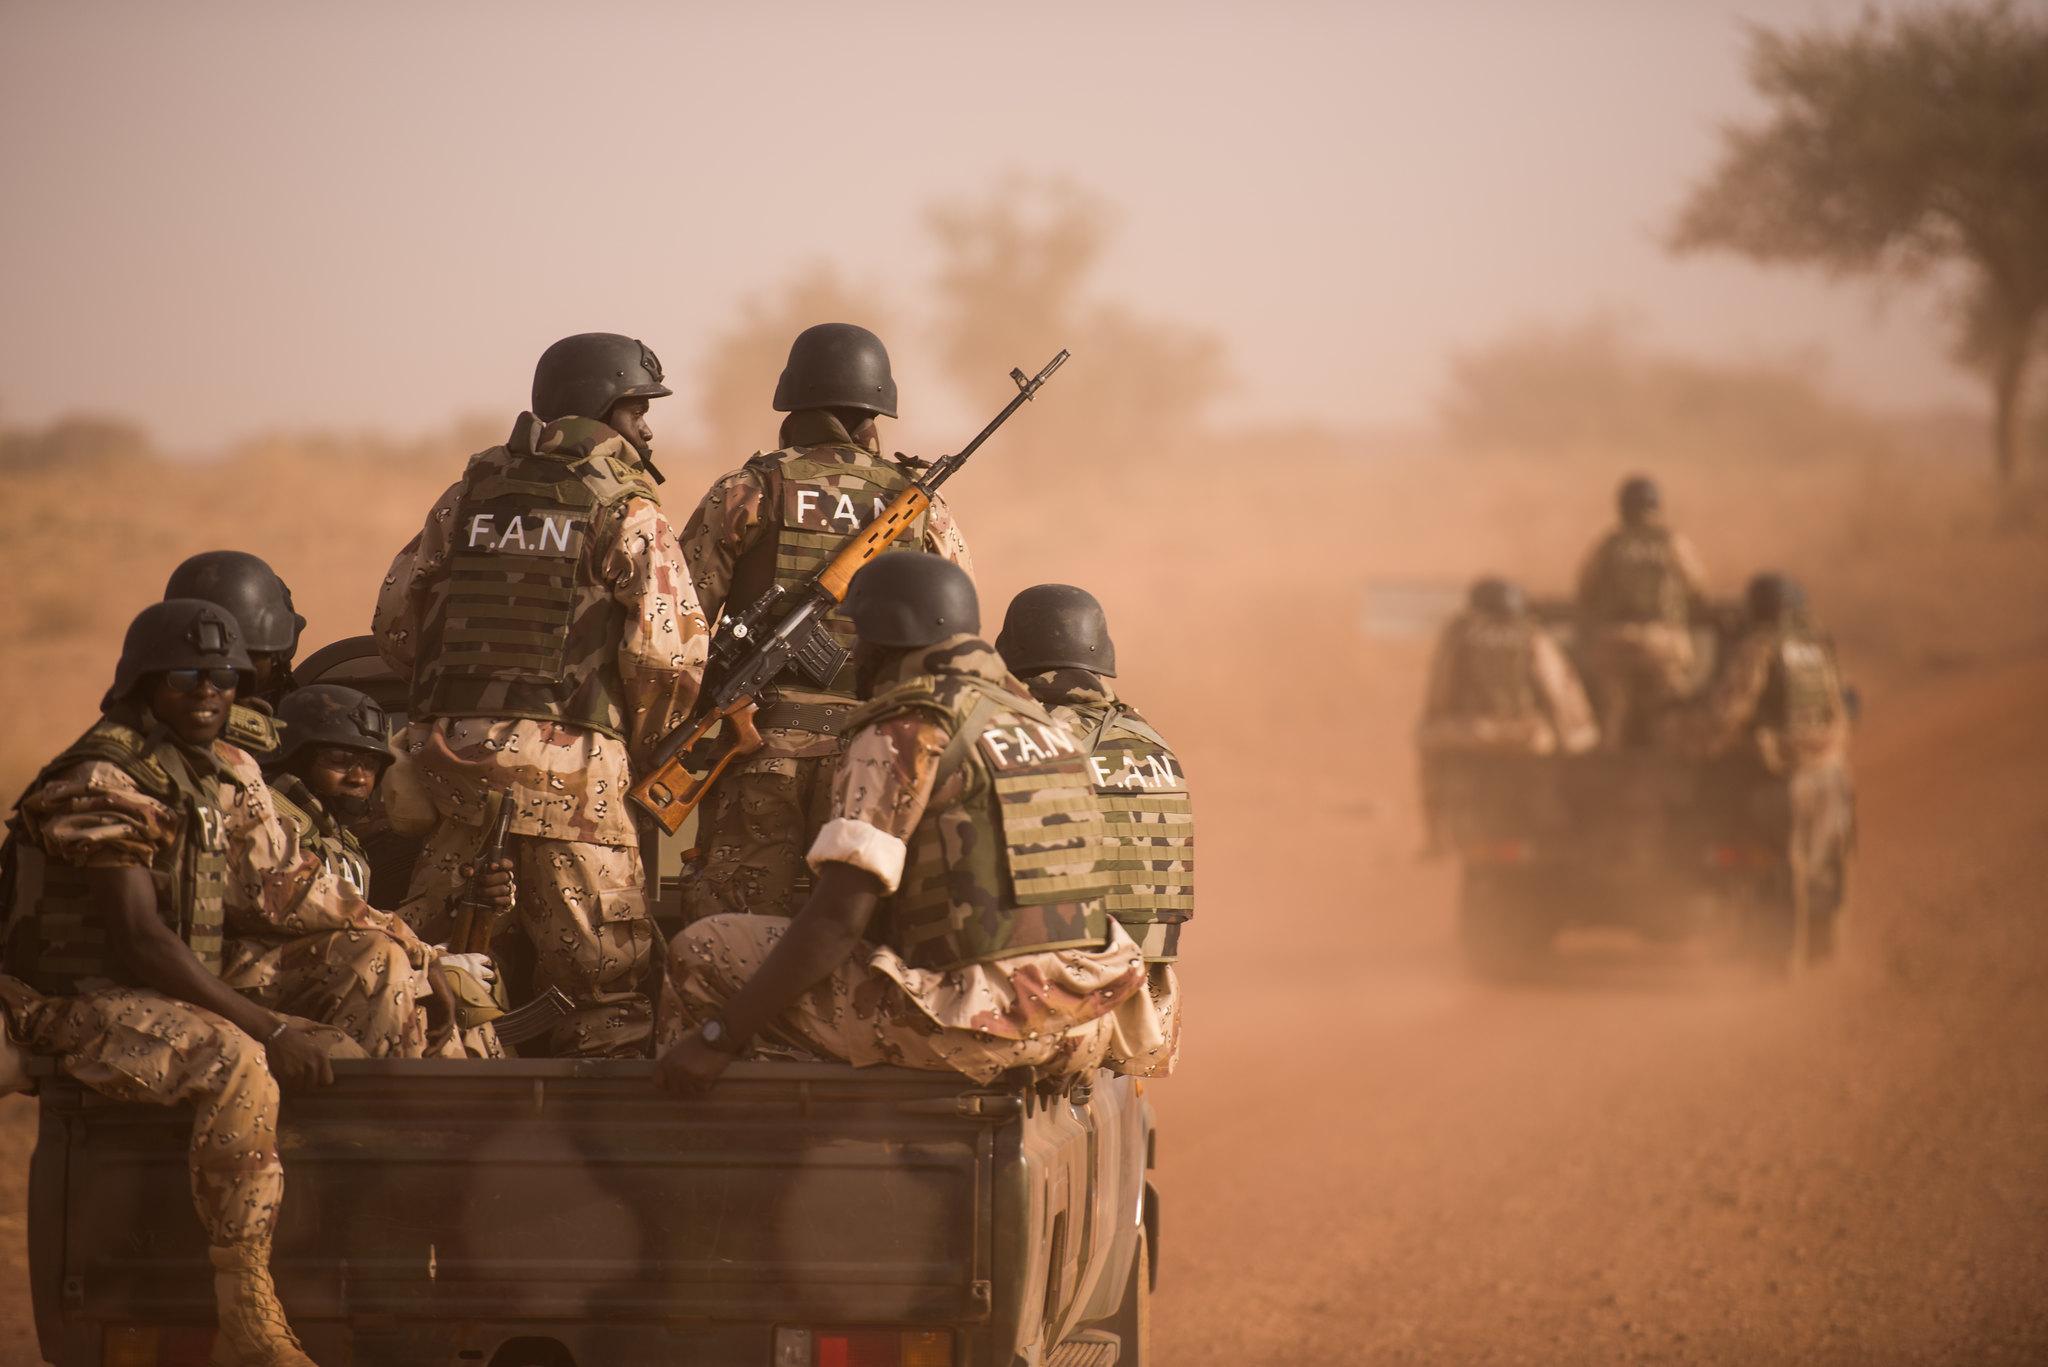 Régions de Tillabéry et Maradi : attaques dans les villages de Banibangou et Sarkin yamma sofoua